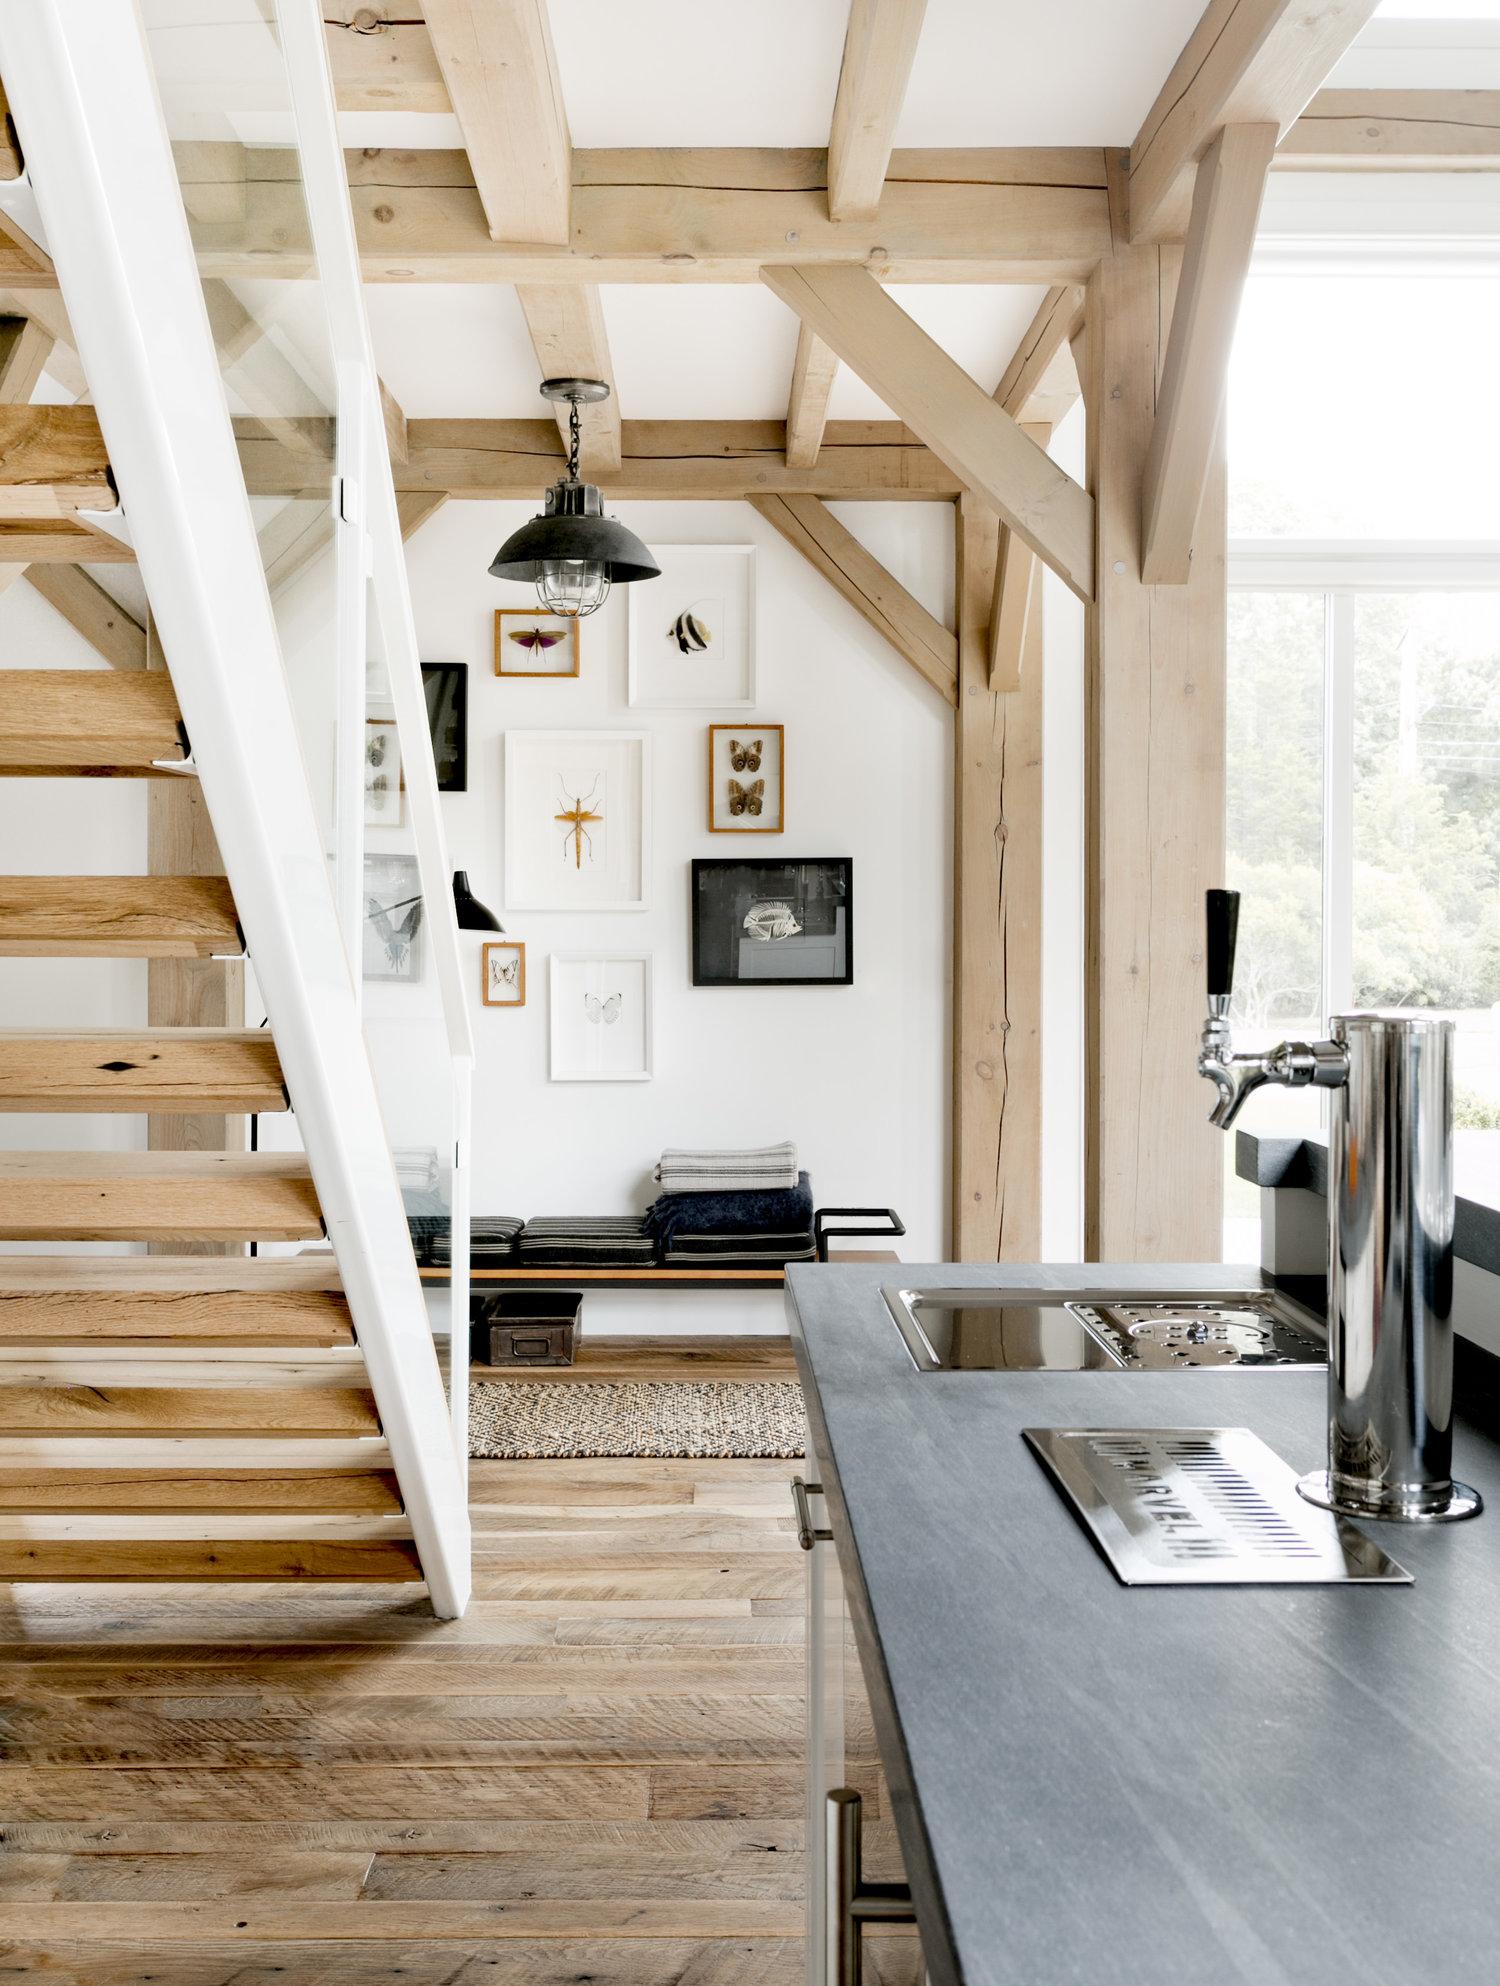 высокий потолок балки лестница бар столешница